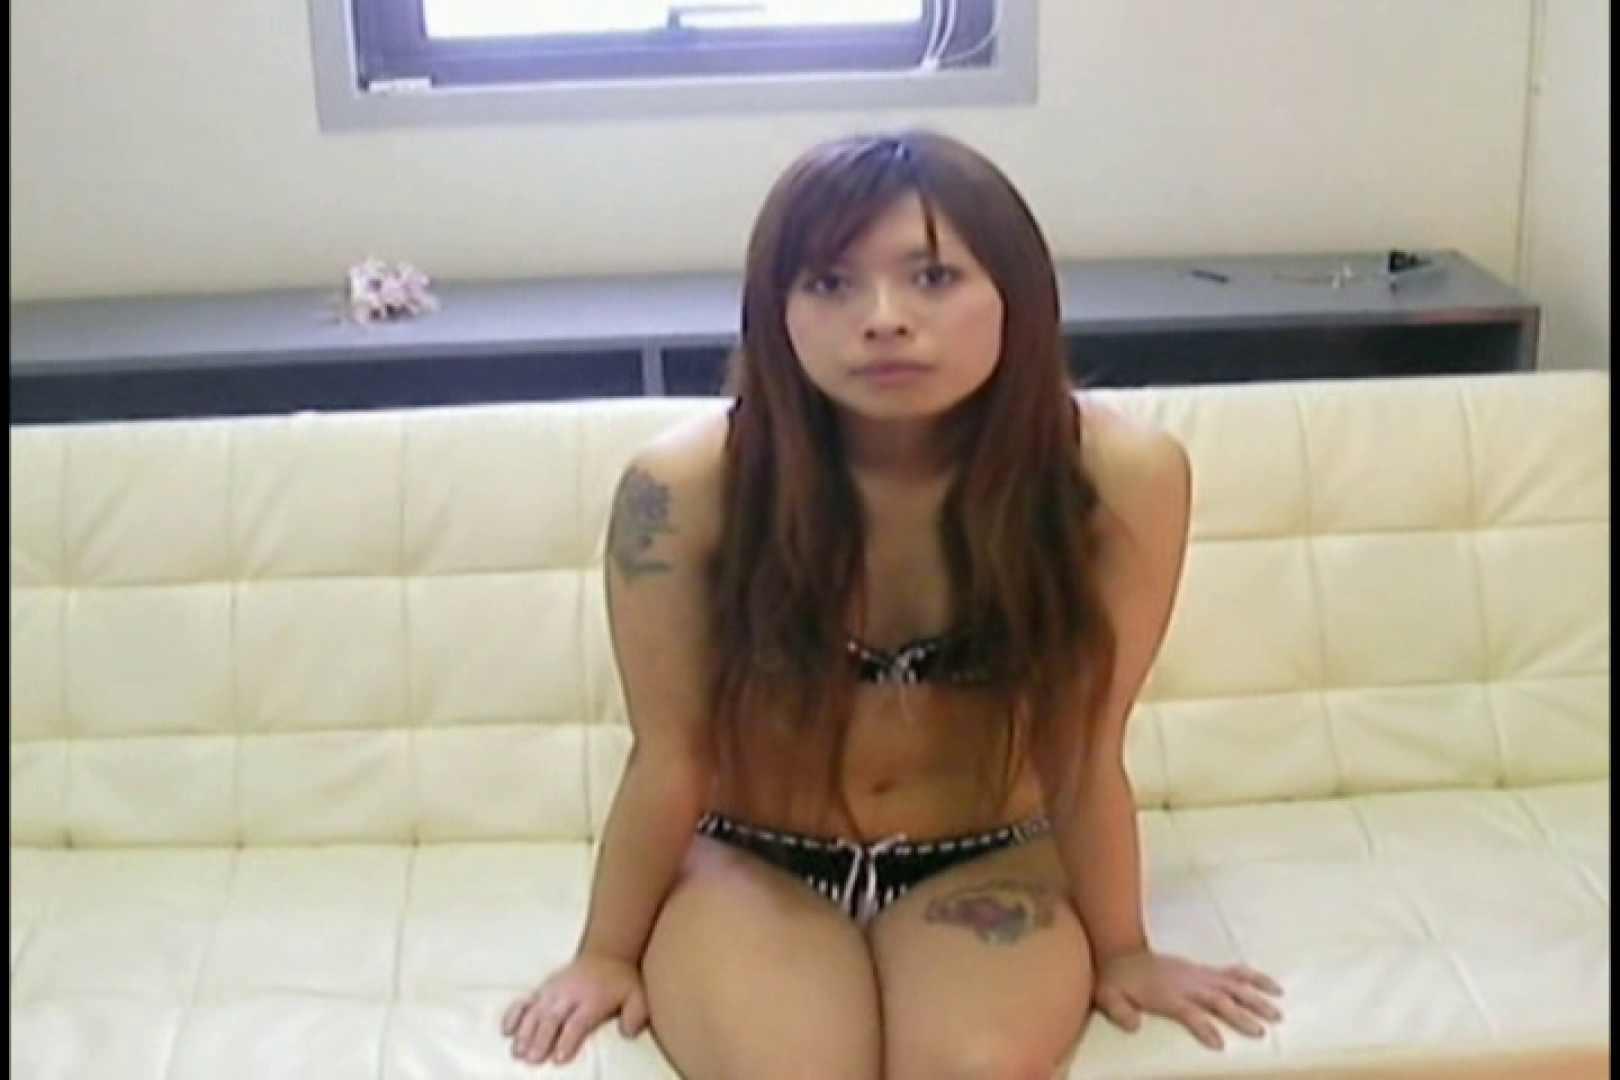 素人撮影 下着だけの撮影のはずが・・・ よしこ23歳 盗撮師作品 えろ無修正画像 88pic 44